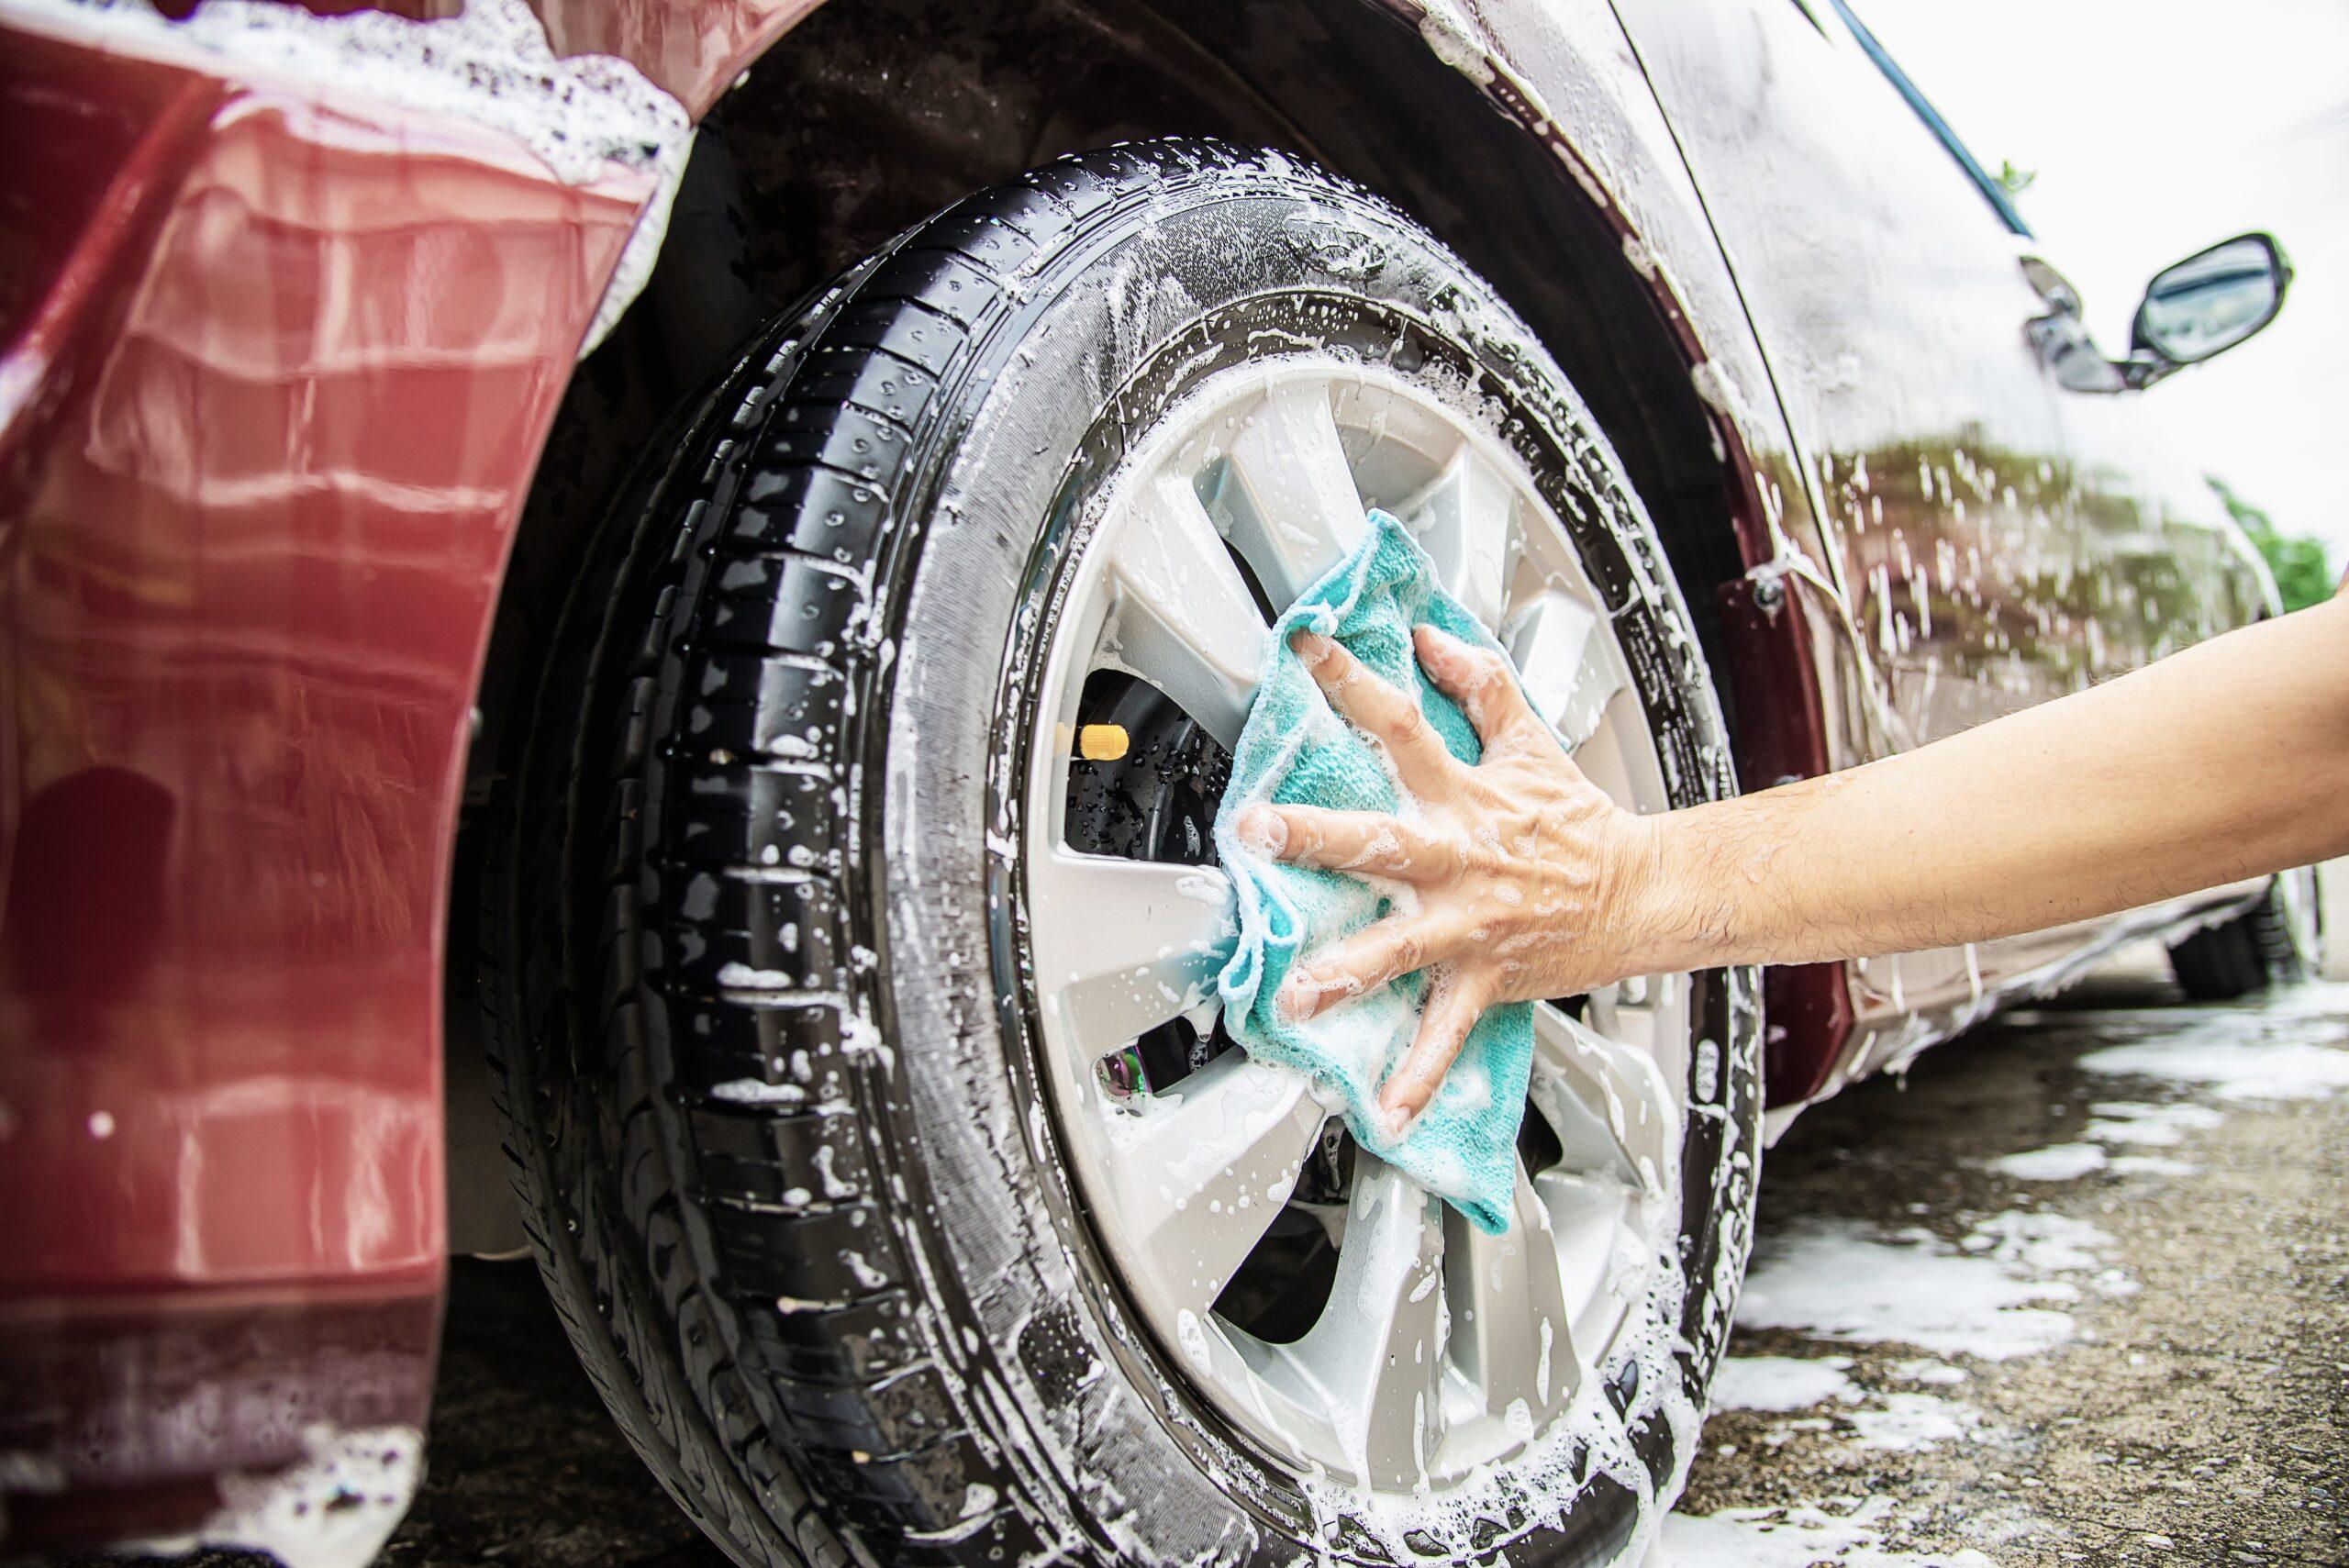 Vemo uma pessoa lavando a roda de um carro com água e sabão (imagem ilustrativa).